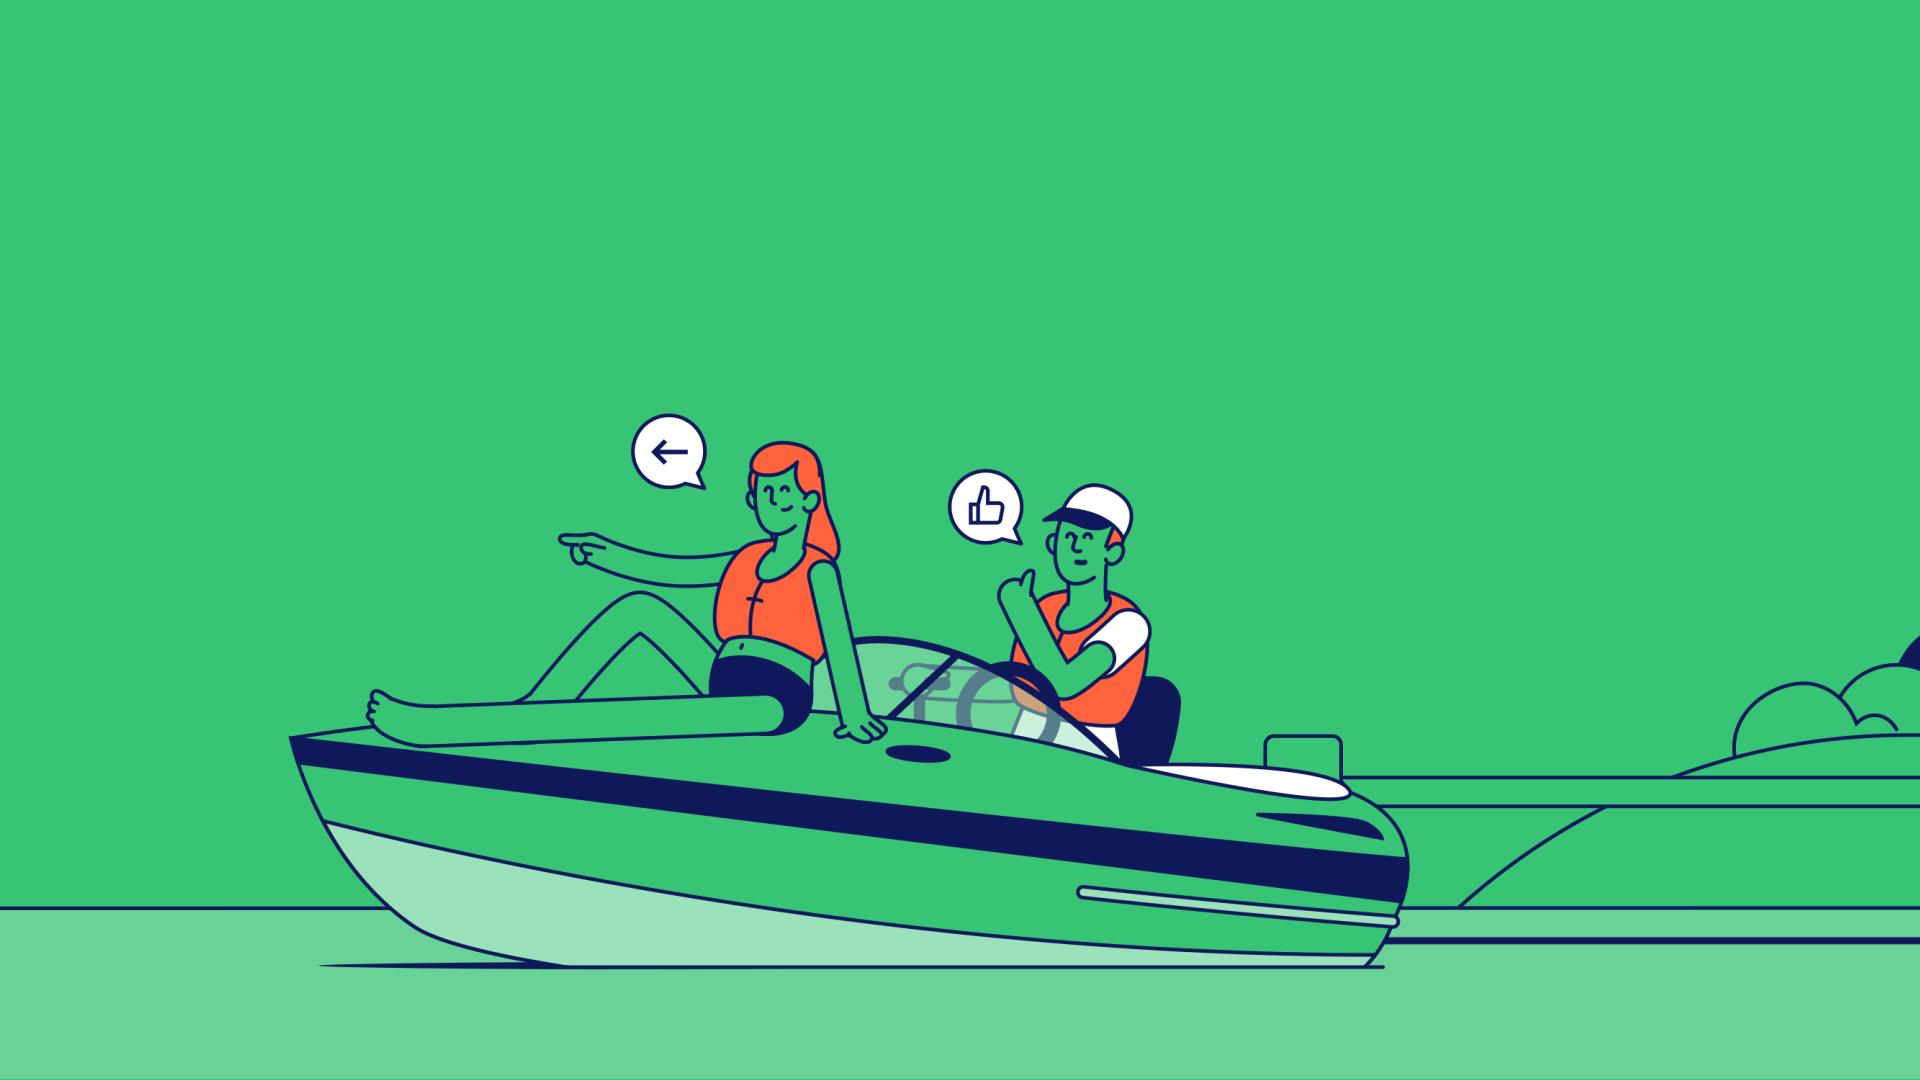 boat-scene2